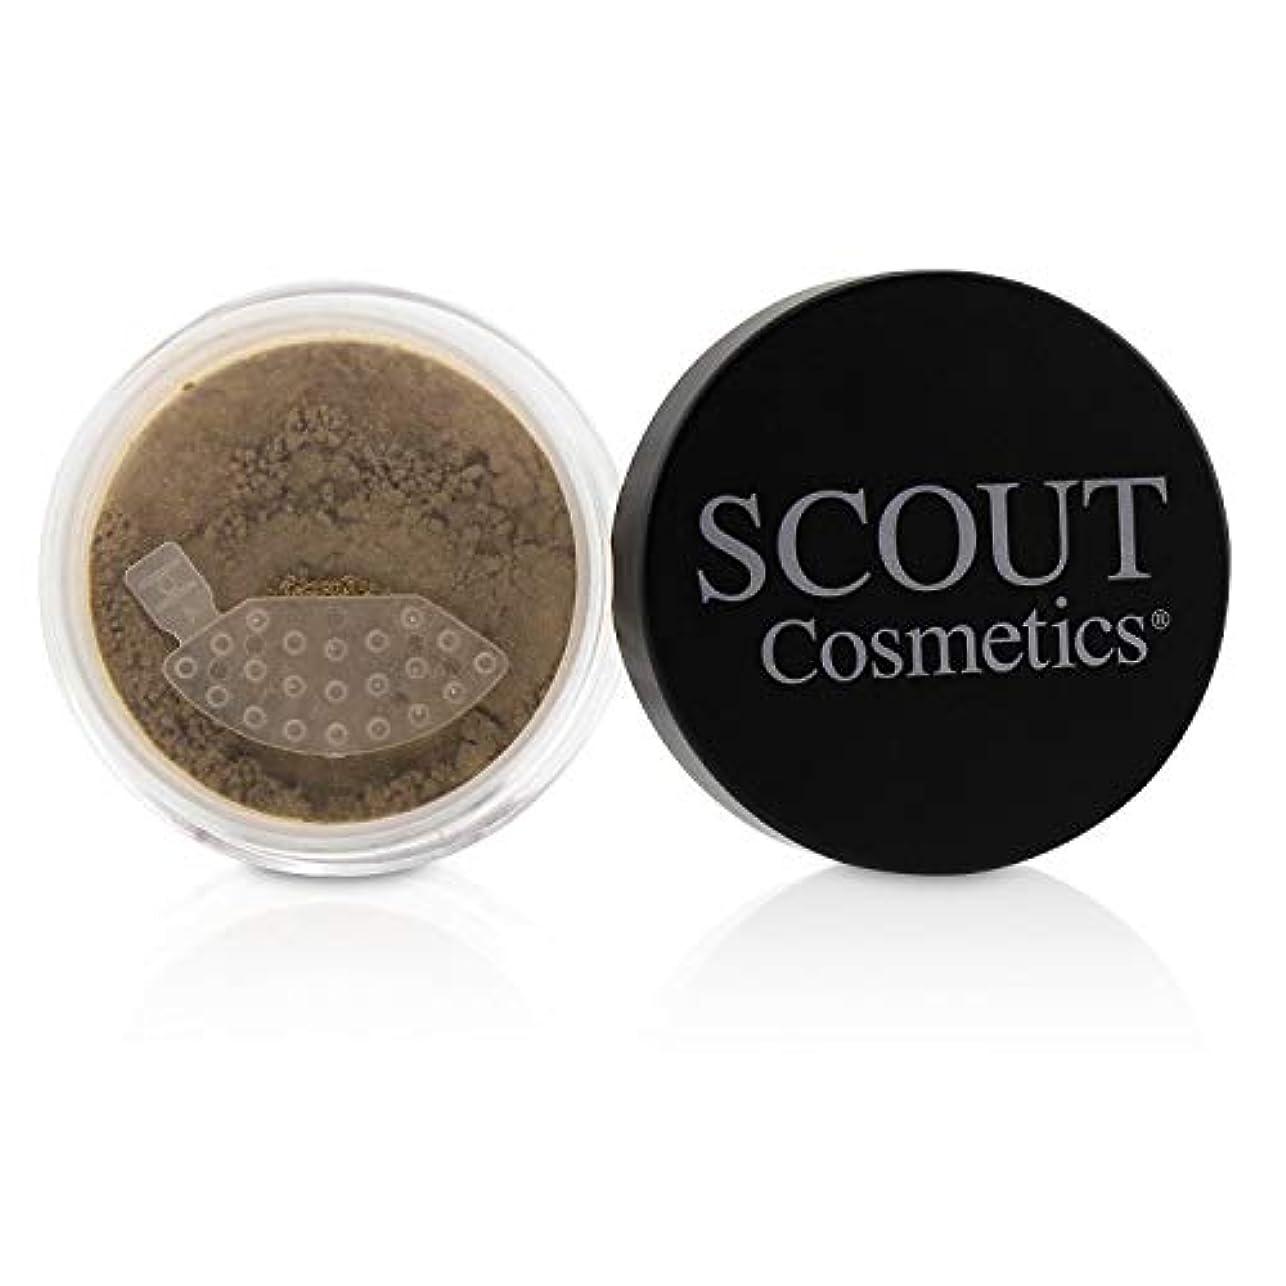 ガレージ再び彼らはSCOUT Cosmetics Mineral Powder Foundation SPF 20 - # Almond 8g/0.28oz並行輸入品